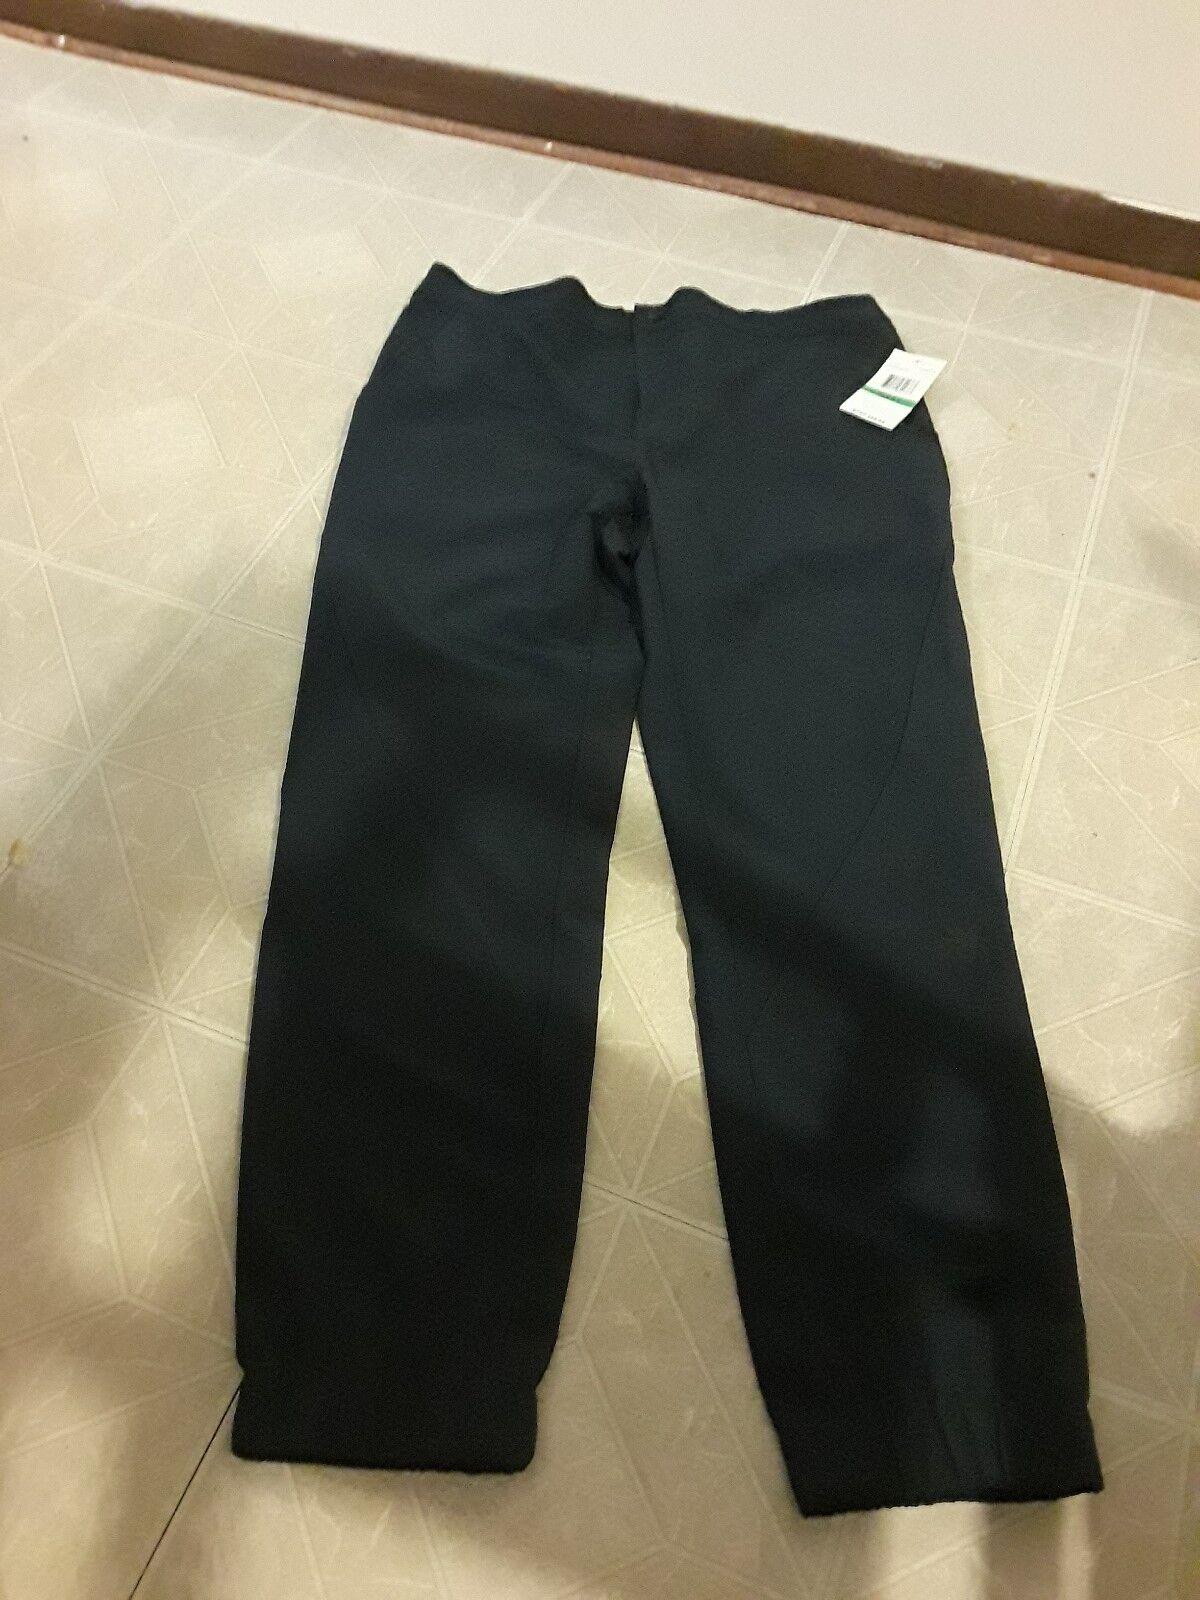 Spyder Frontier Men's Pants Jogger  bluee Size L  71E65050-42